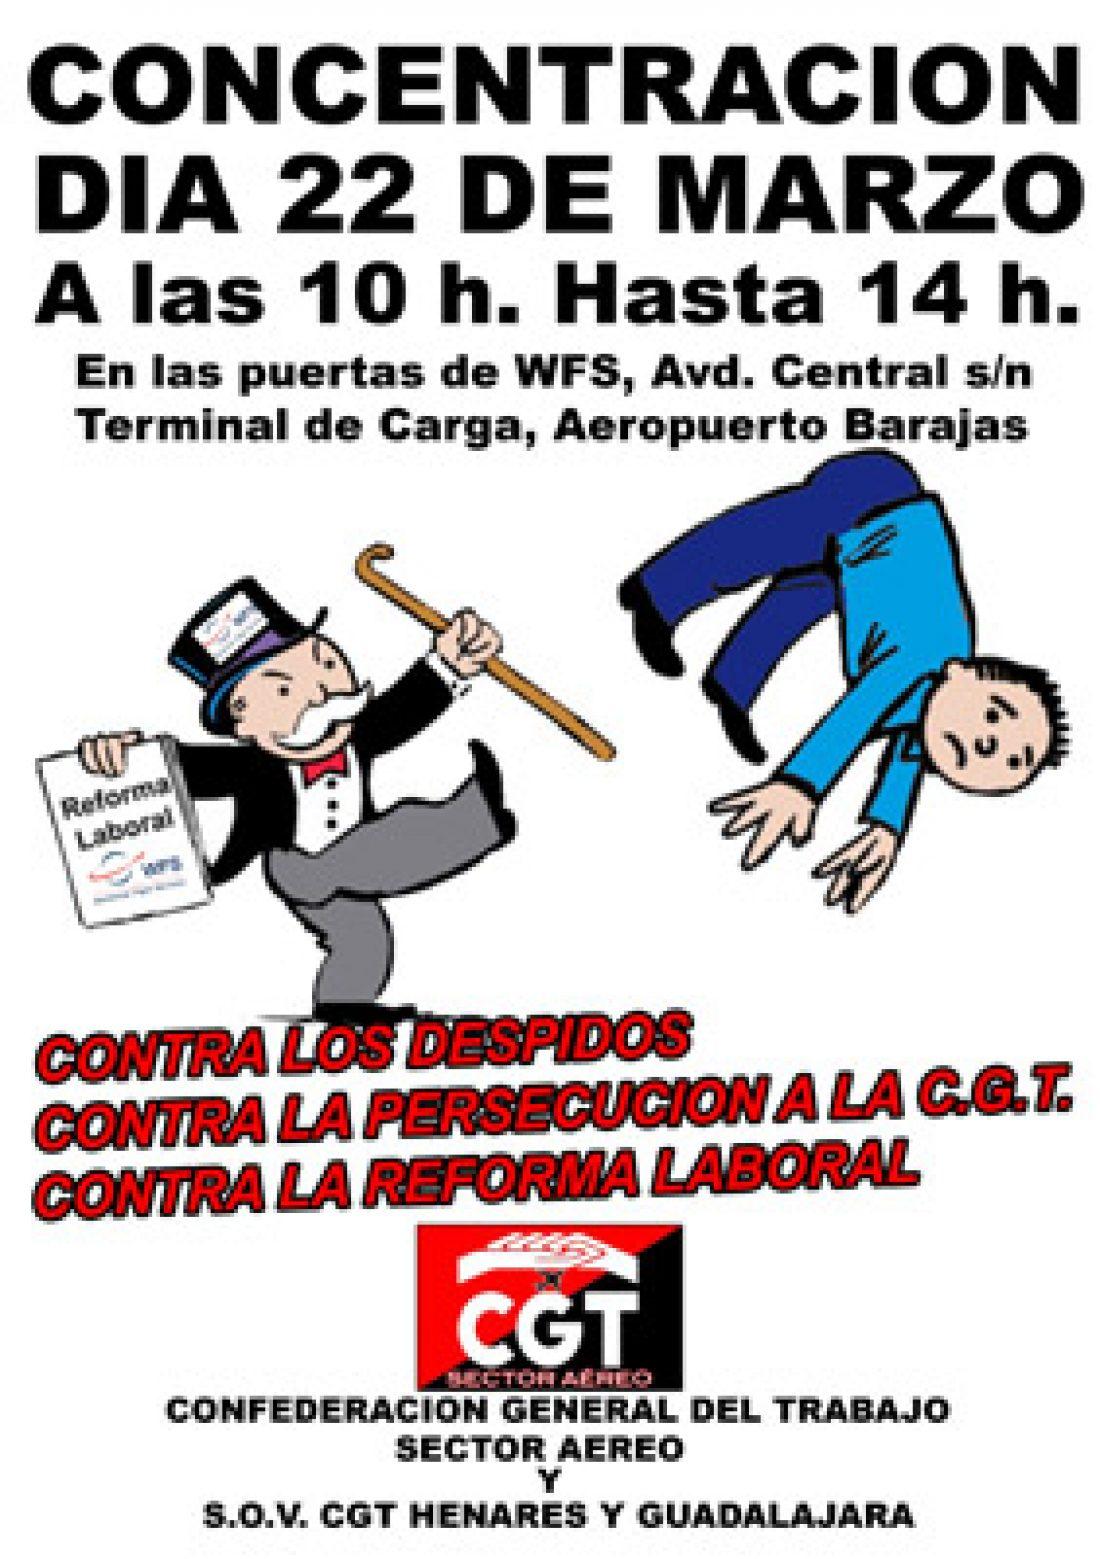 CGT Convoca concentración a las puertas de la empresa WFS en la Terminal de Carga del Aeropuerto de Barajas el 22 de marzo